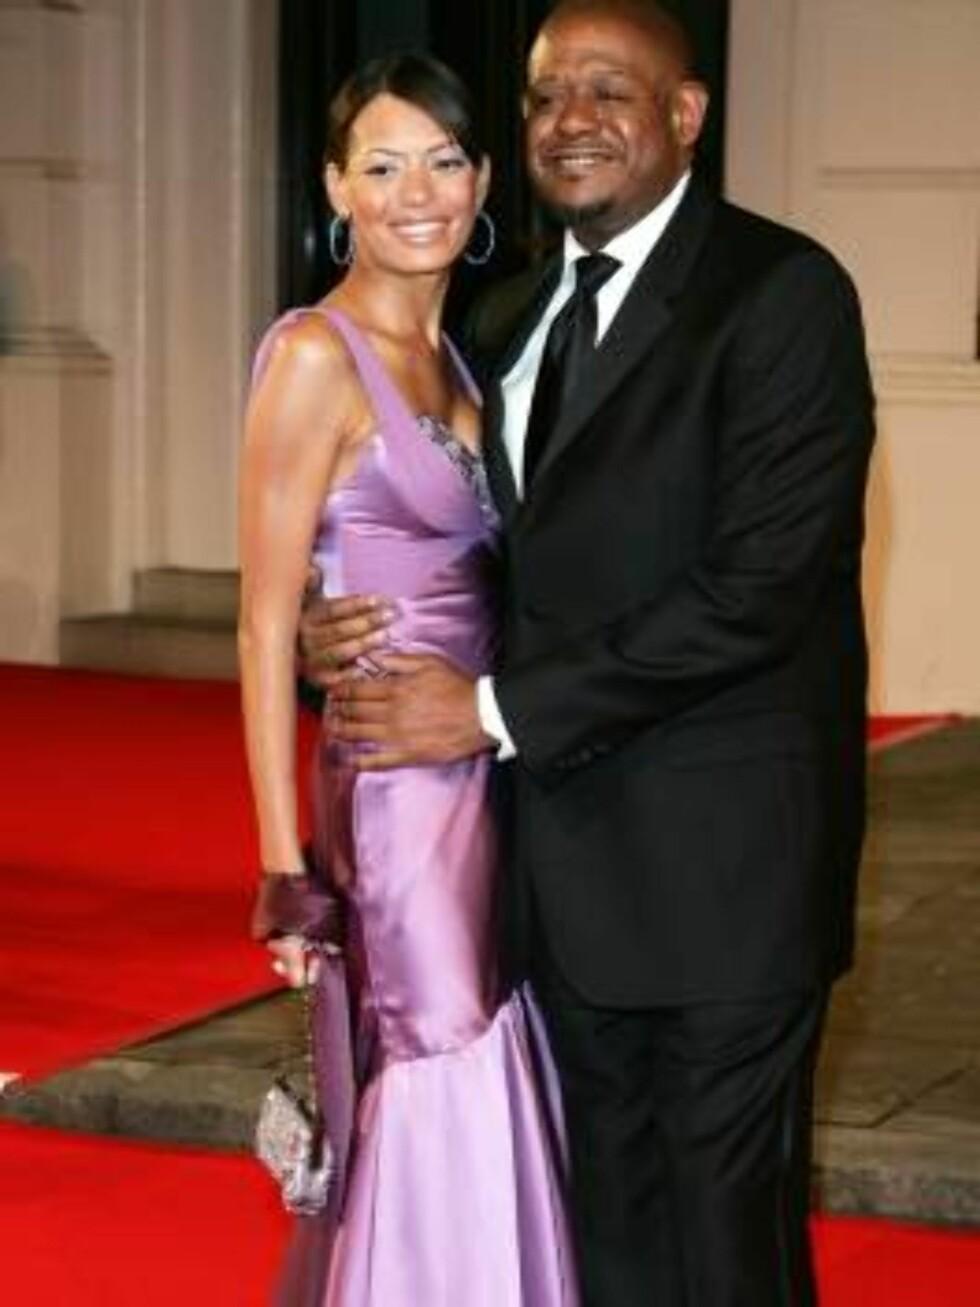 STOLT: Forest Whitaker har all grunn til å være stolt av sin flotte kone, Keisha. Foto: SCANPIX